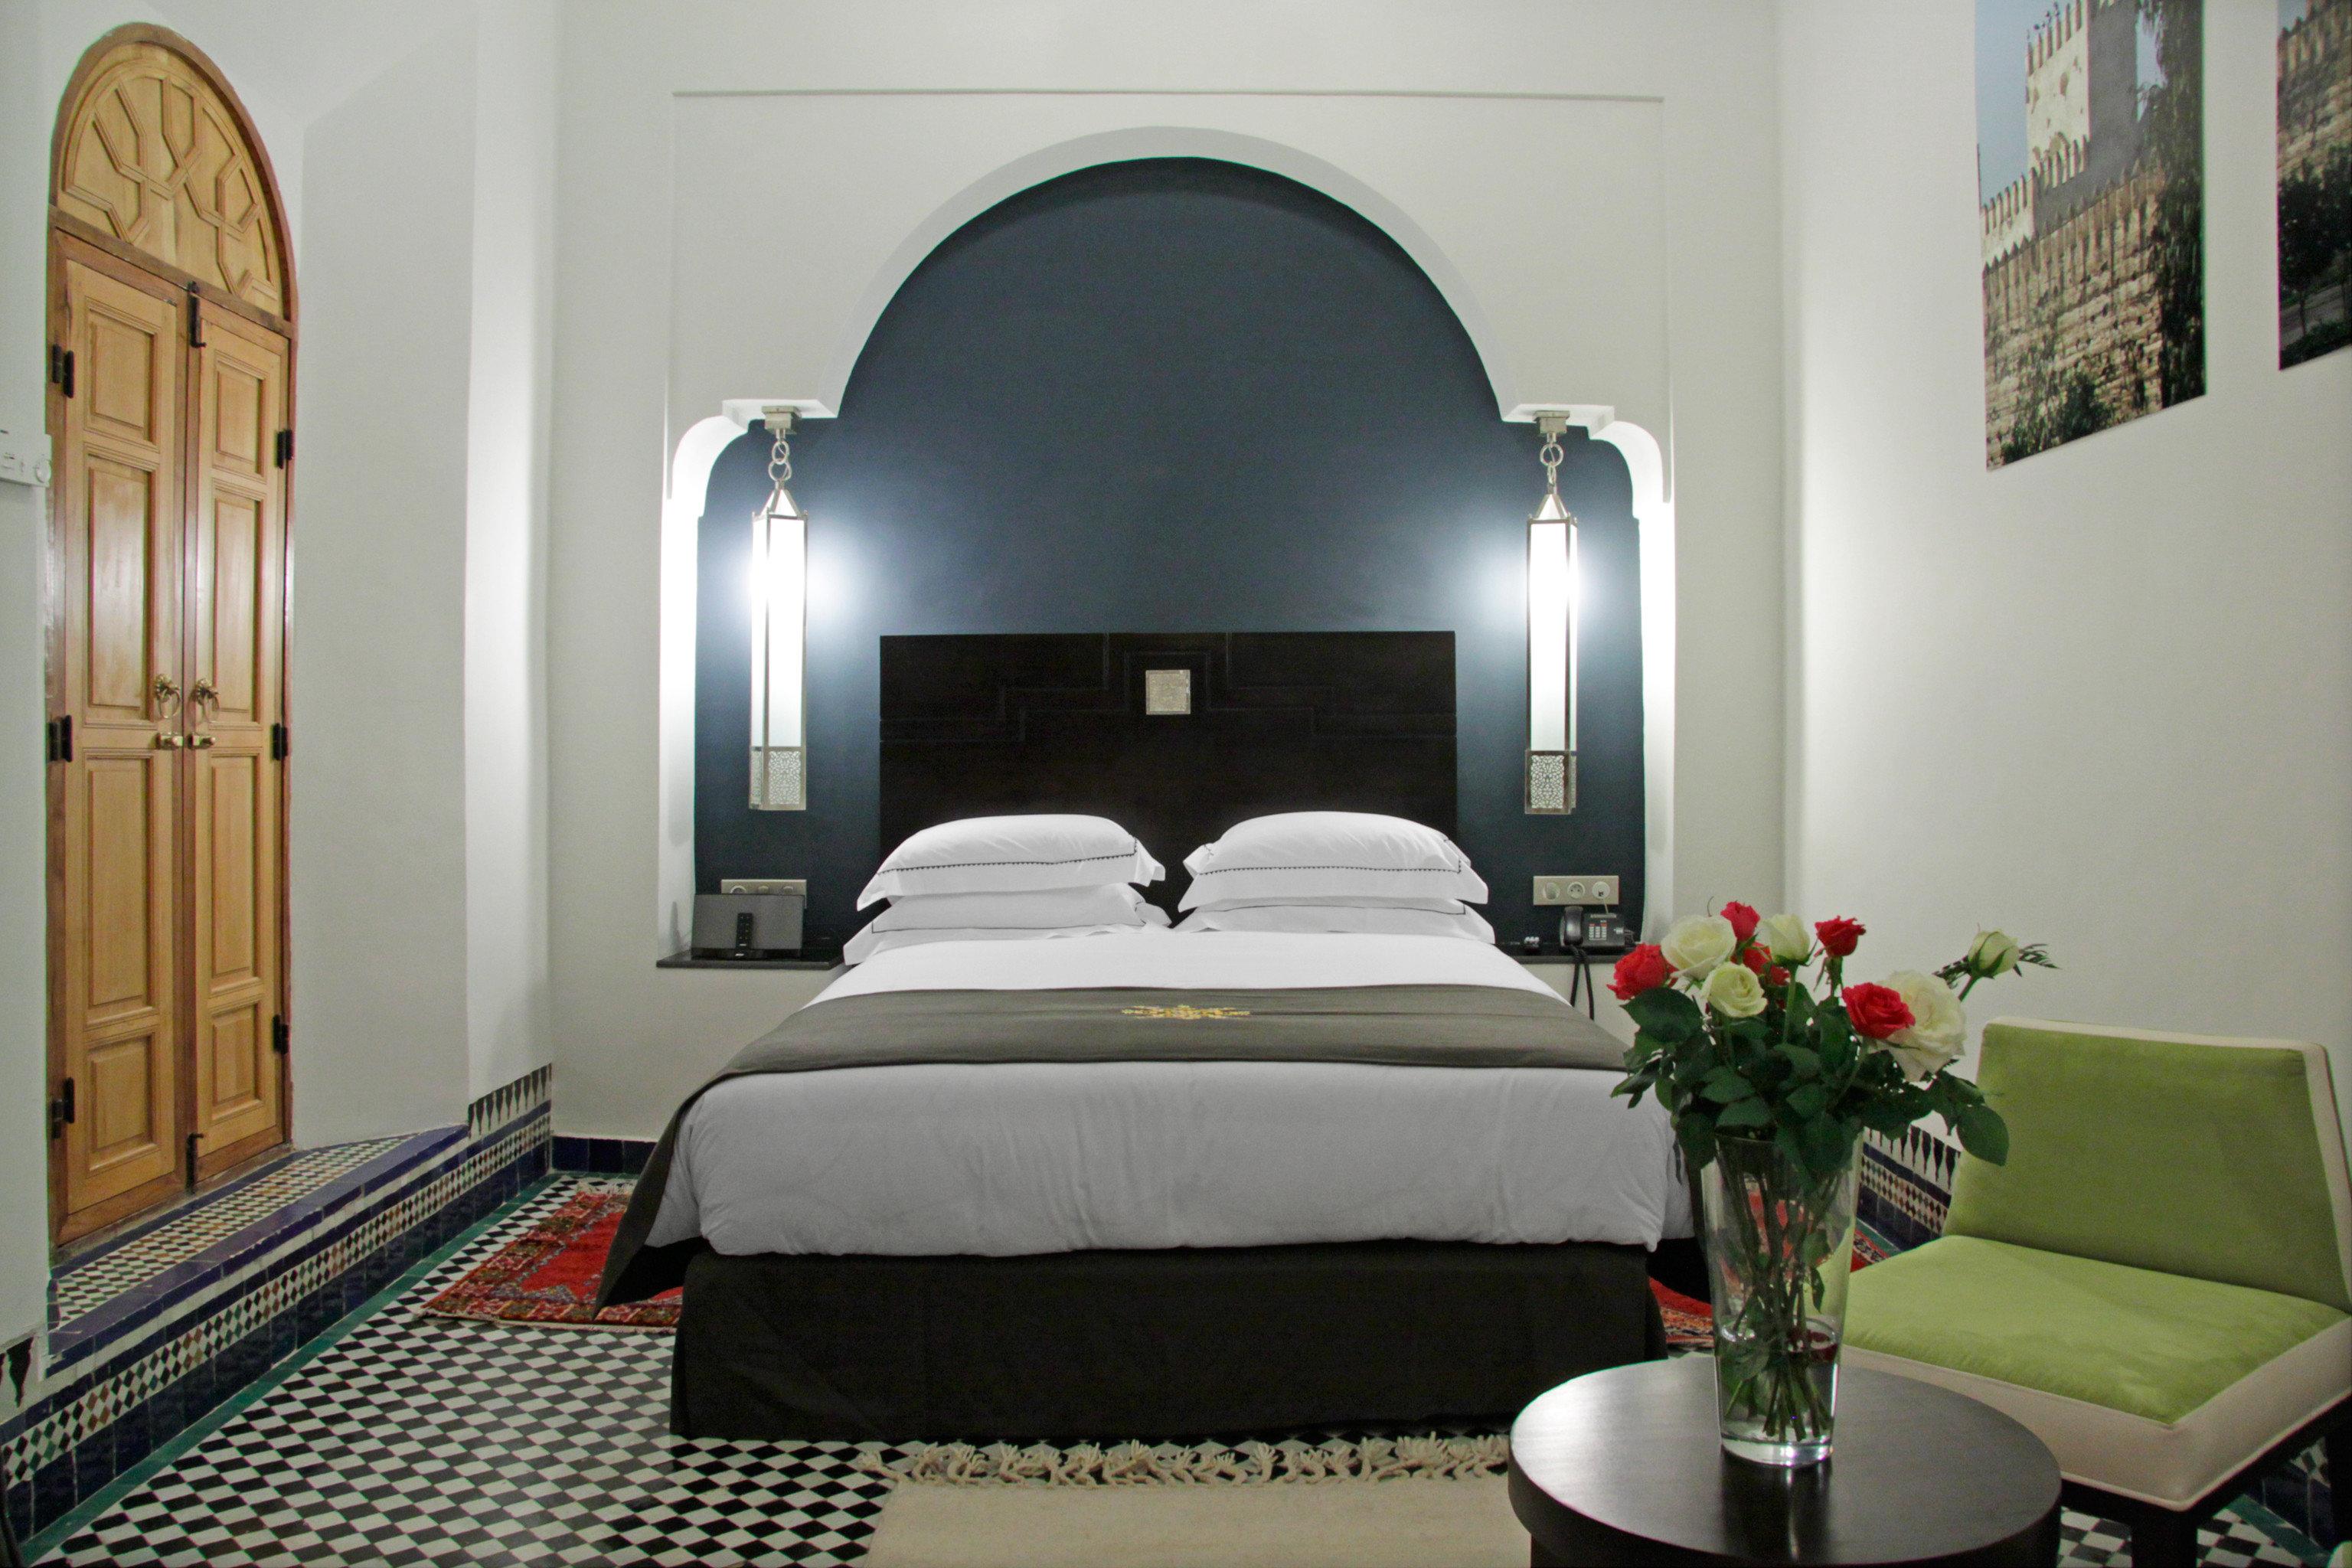 Bedroom Historic Luxury Modern Resort property living room Suite Villa mansion cottage